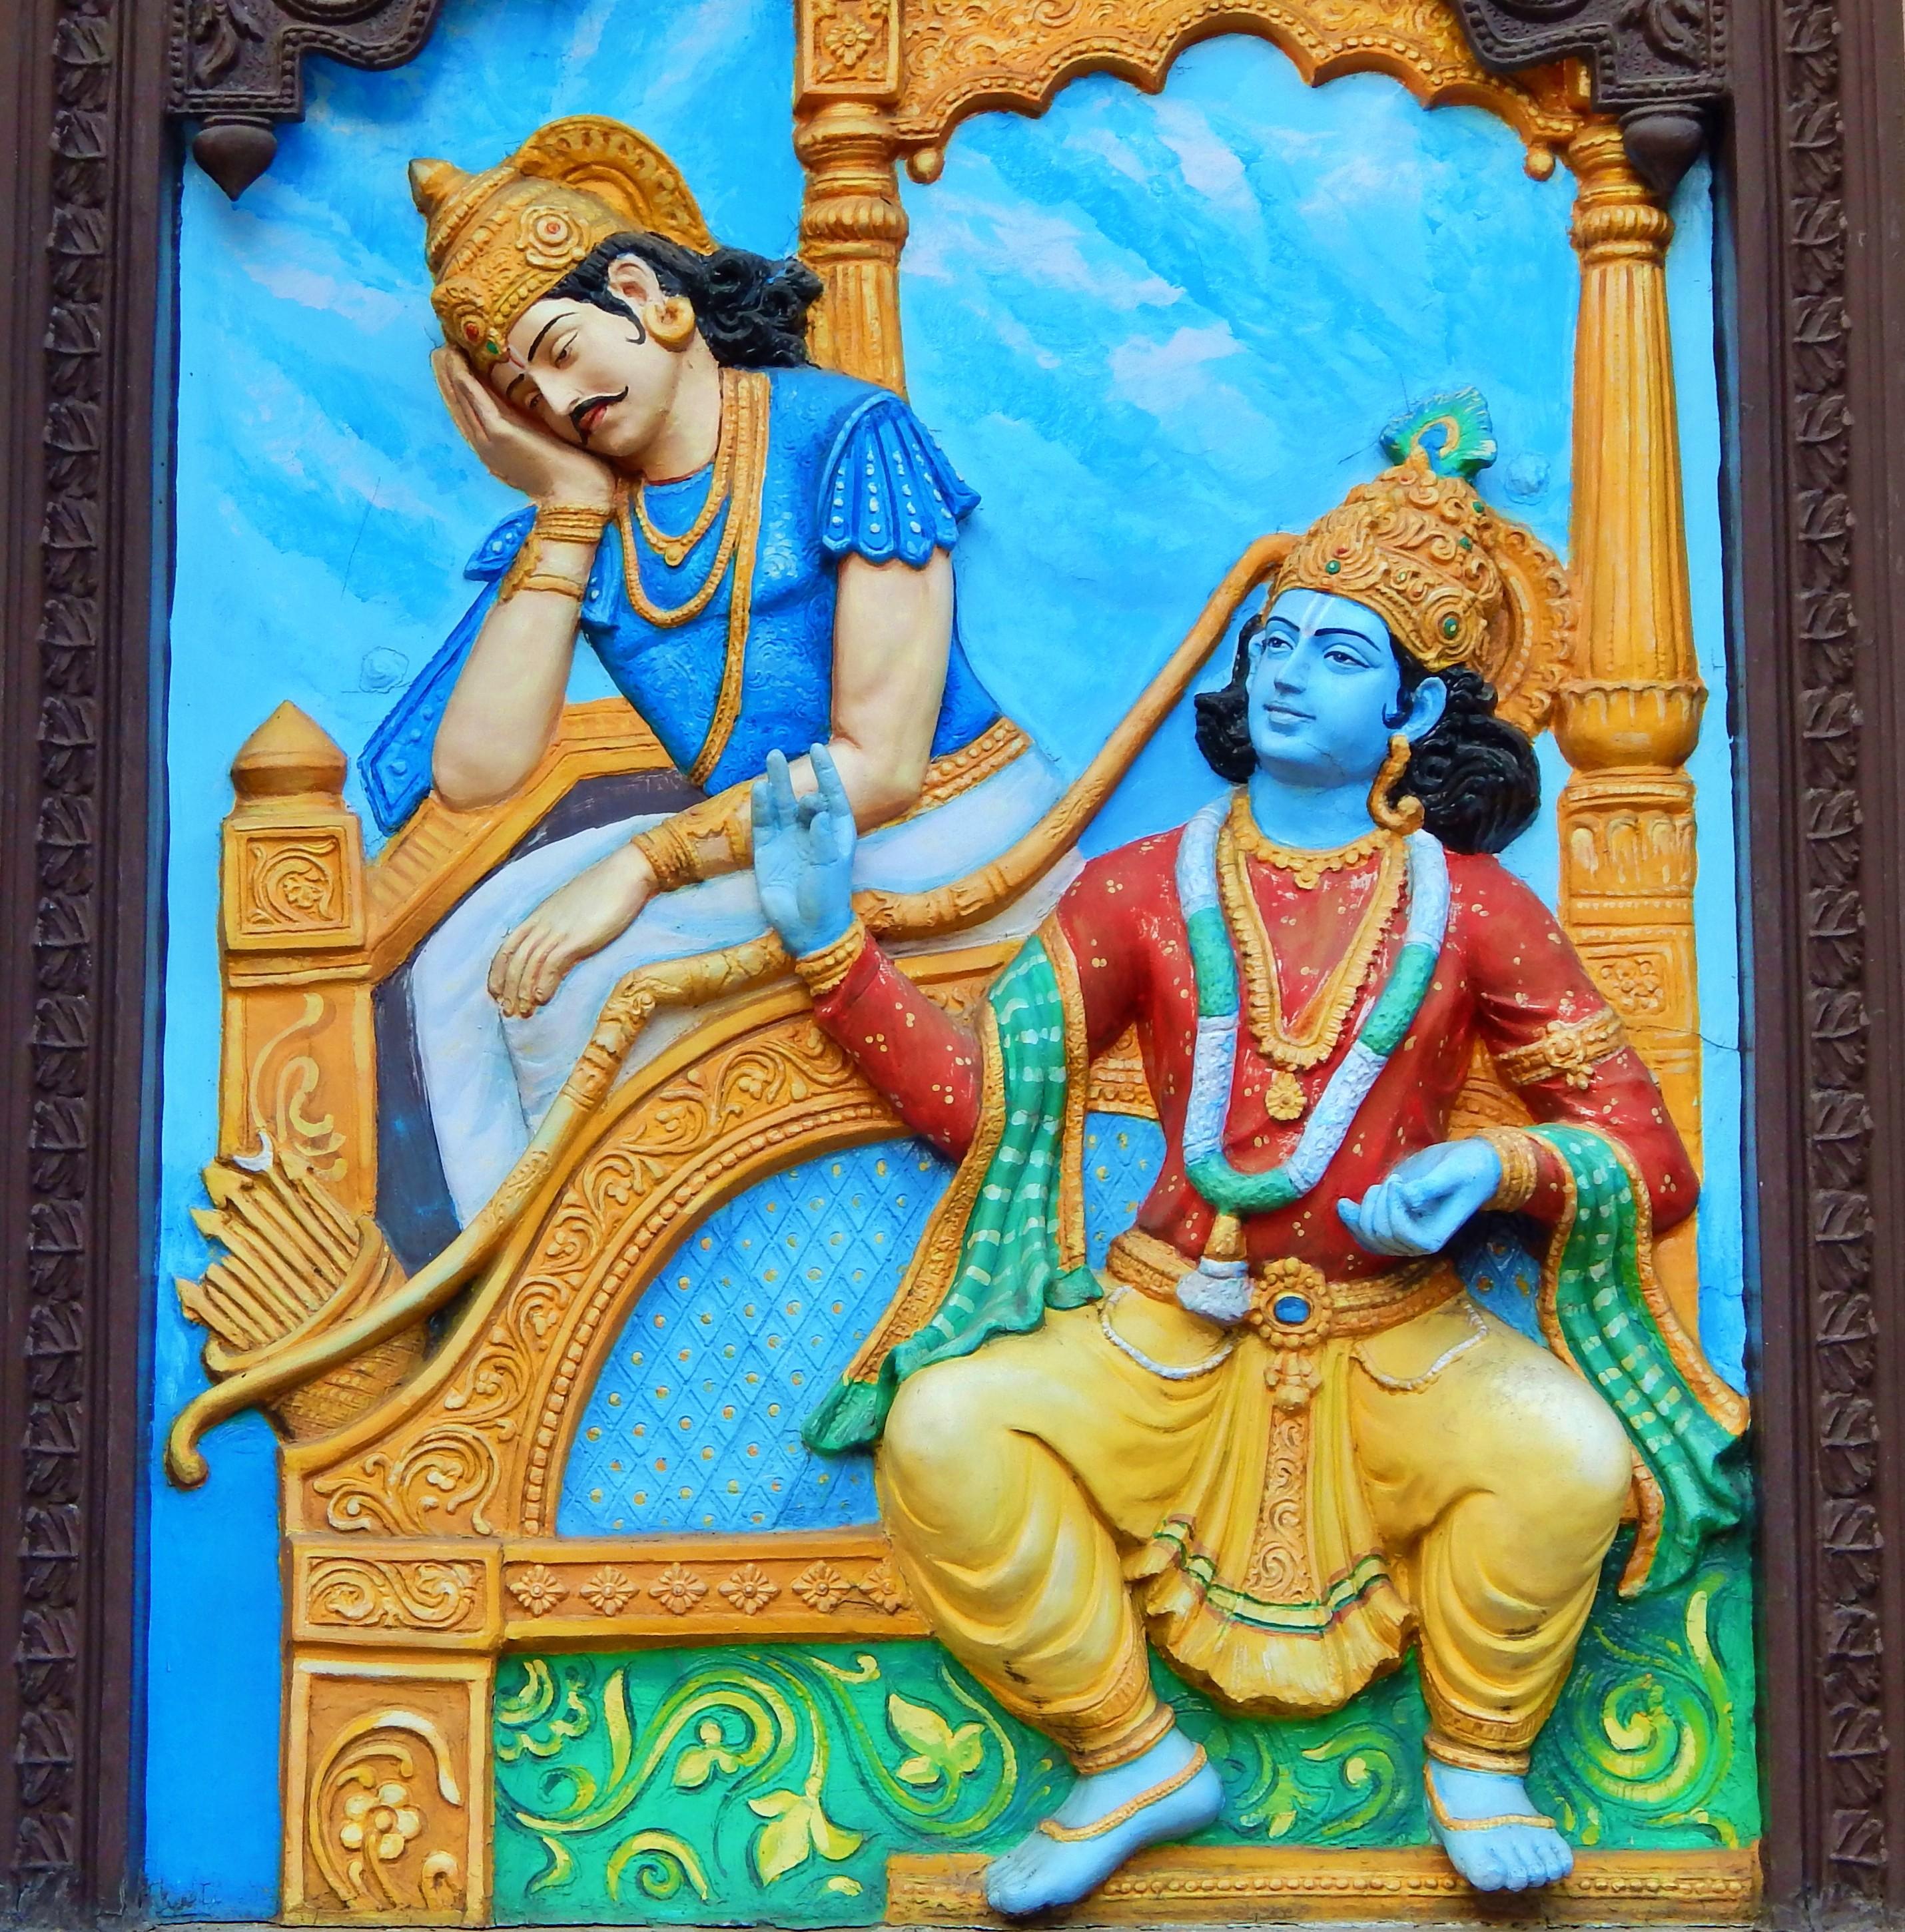 Arjuna-Krishna